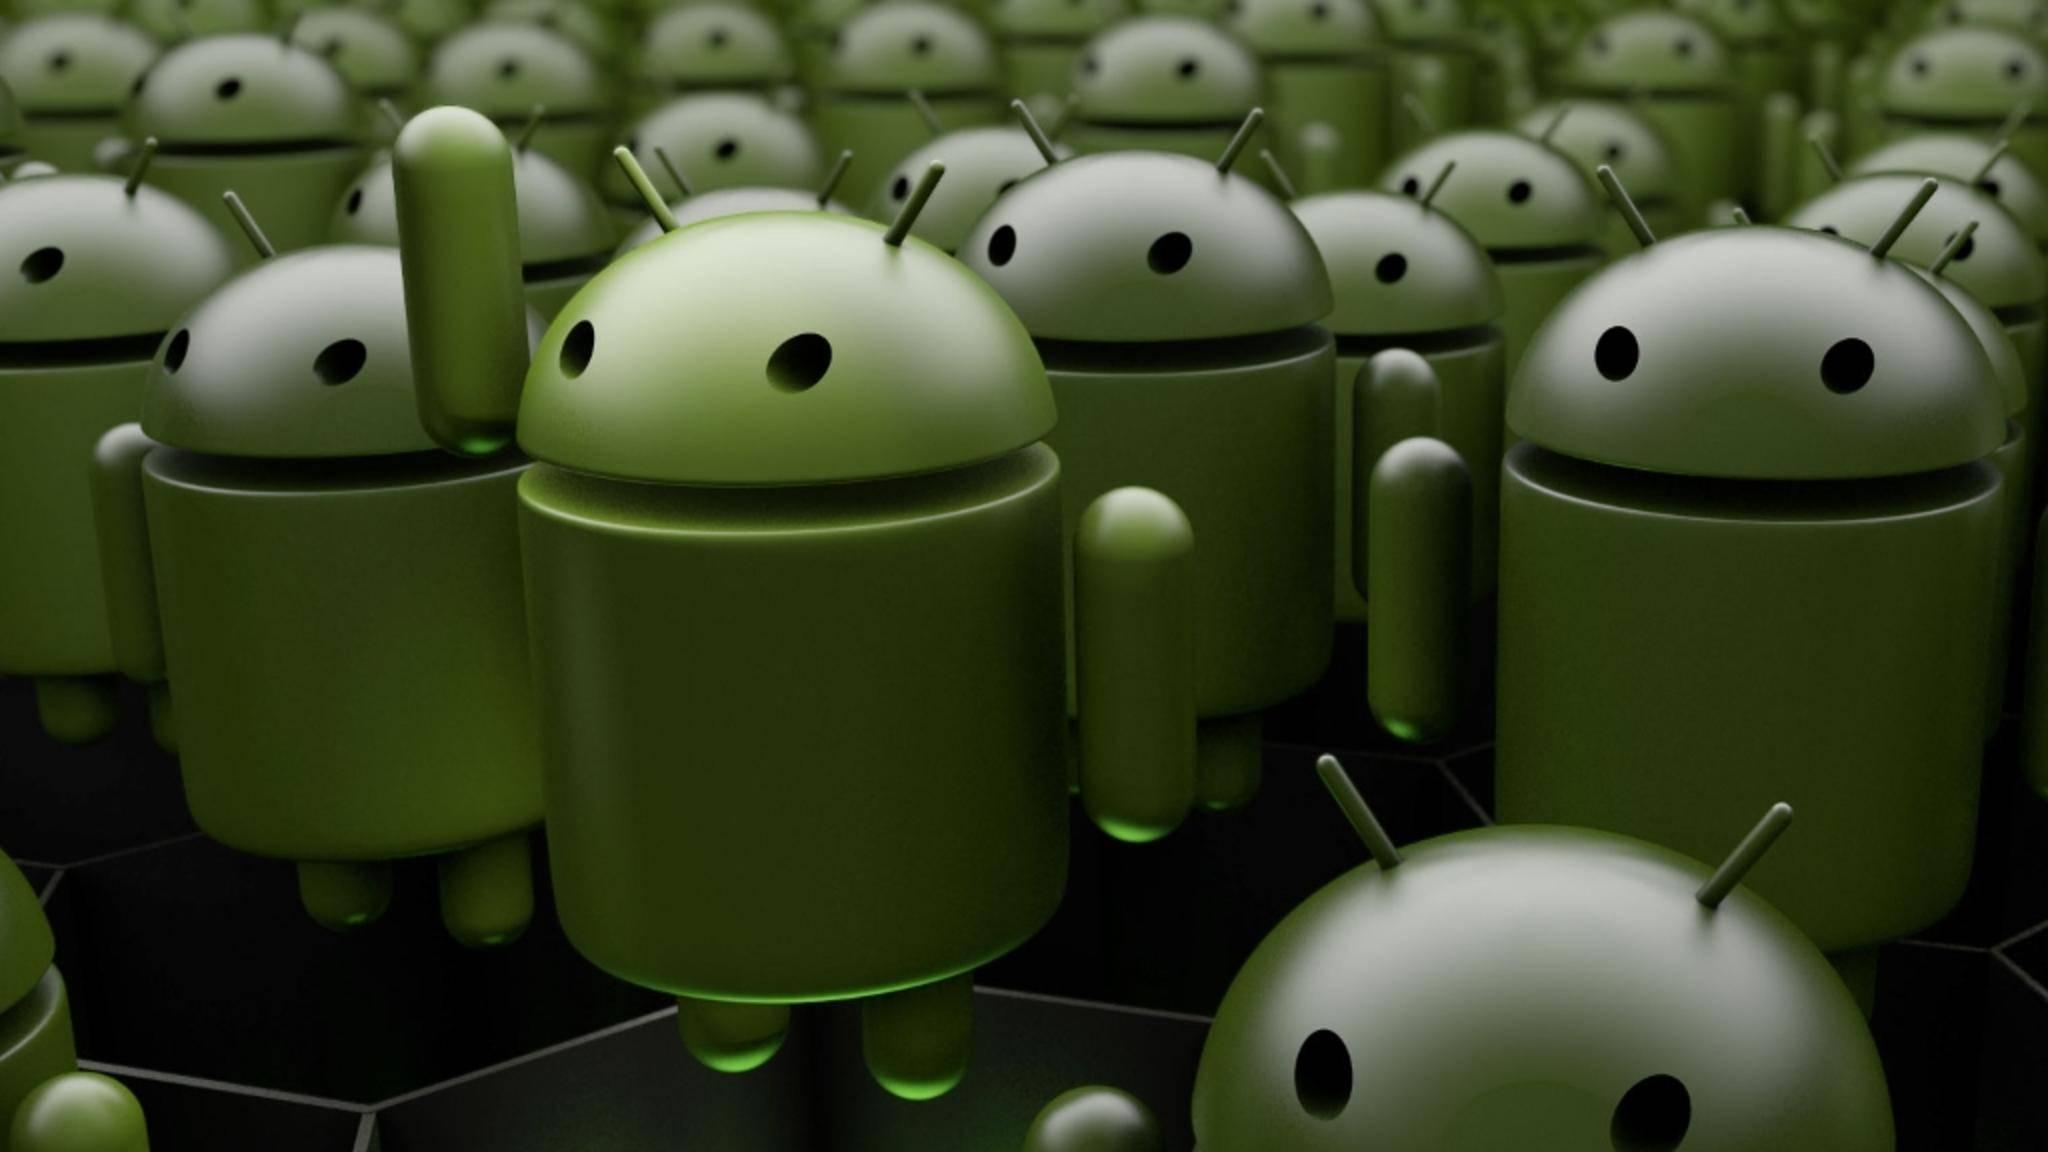 Mit dem Geräte-Manager hältst Du Deine Androiden unter Kontrolle.